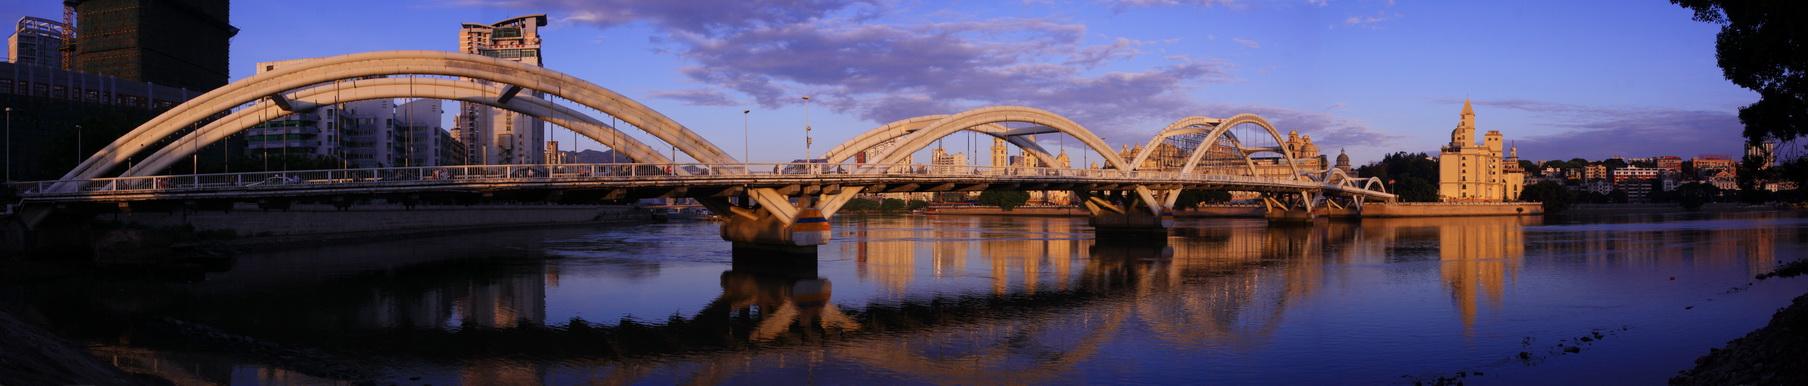 向左转作品:大桥